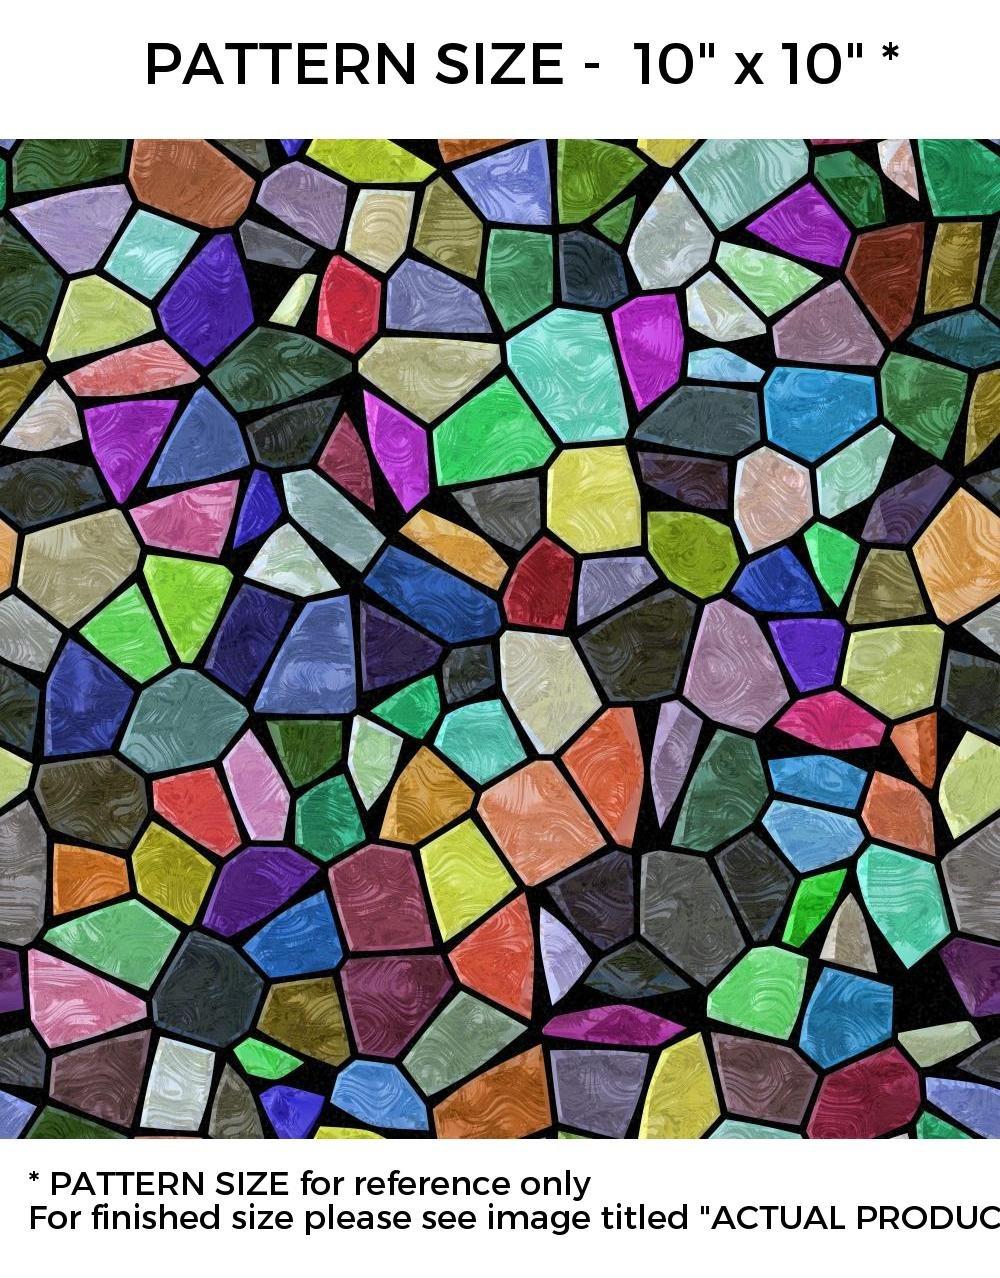 WindowPix マルチカラービクトリアパターン 窓/ドア用フィルム プライバシーフィルム 非粘着 静電気フィルム つや消し ウィンドウフィルム 紫外線防止 省エネルギー 24x84 WF-24x84-WF28-1 B00UXVE0UM 24x8424x84